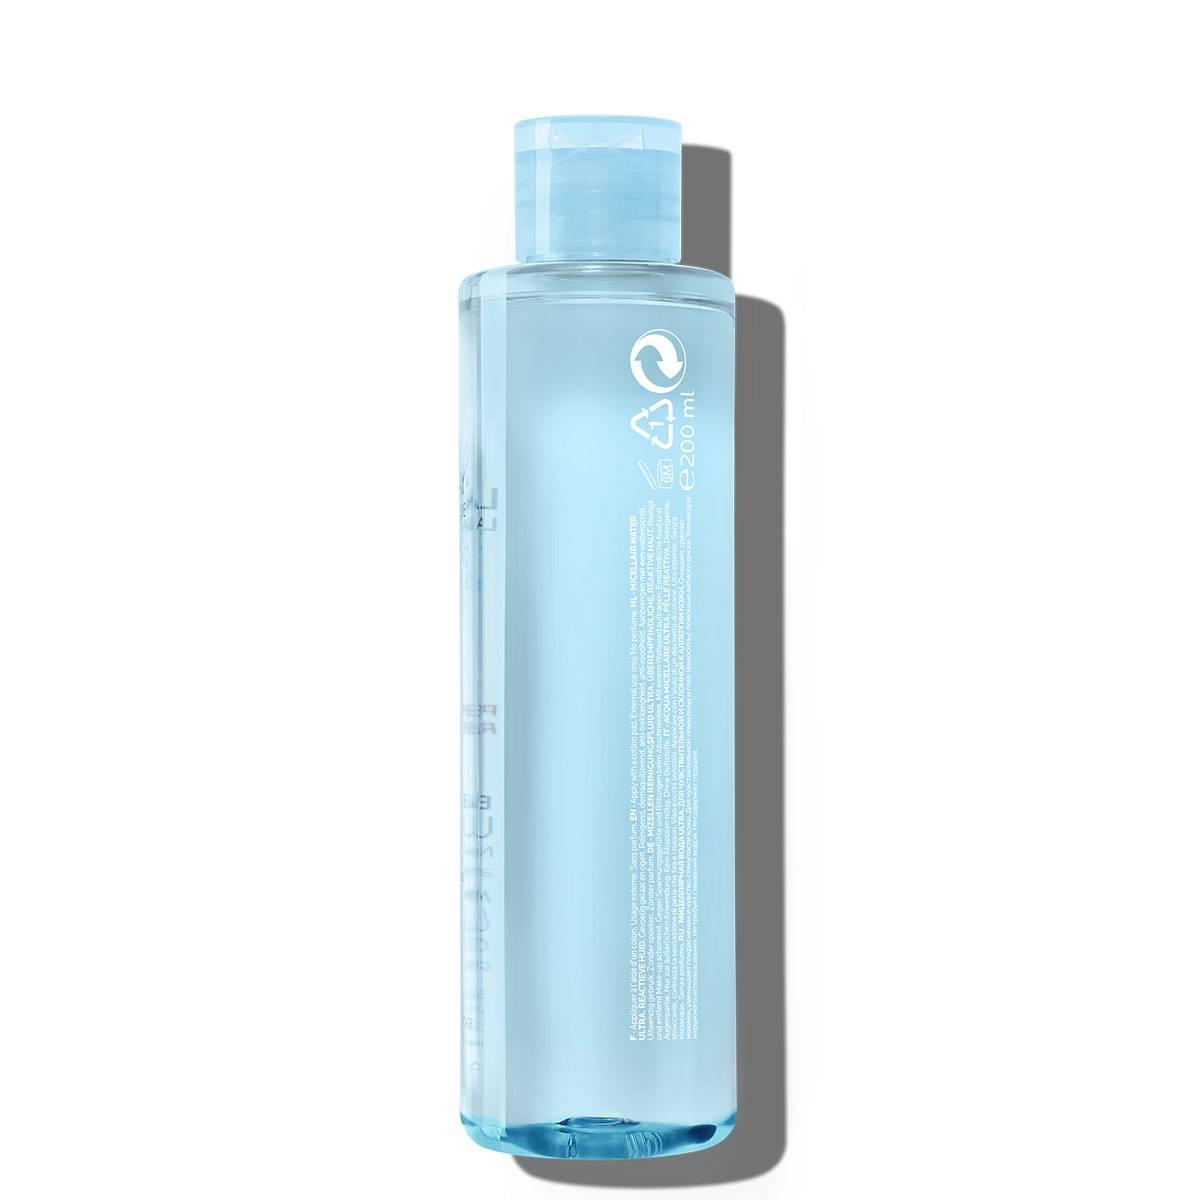 La Roche Posay StránkaProduktu Fyziologická čisticí péče na obličej Micelární voda